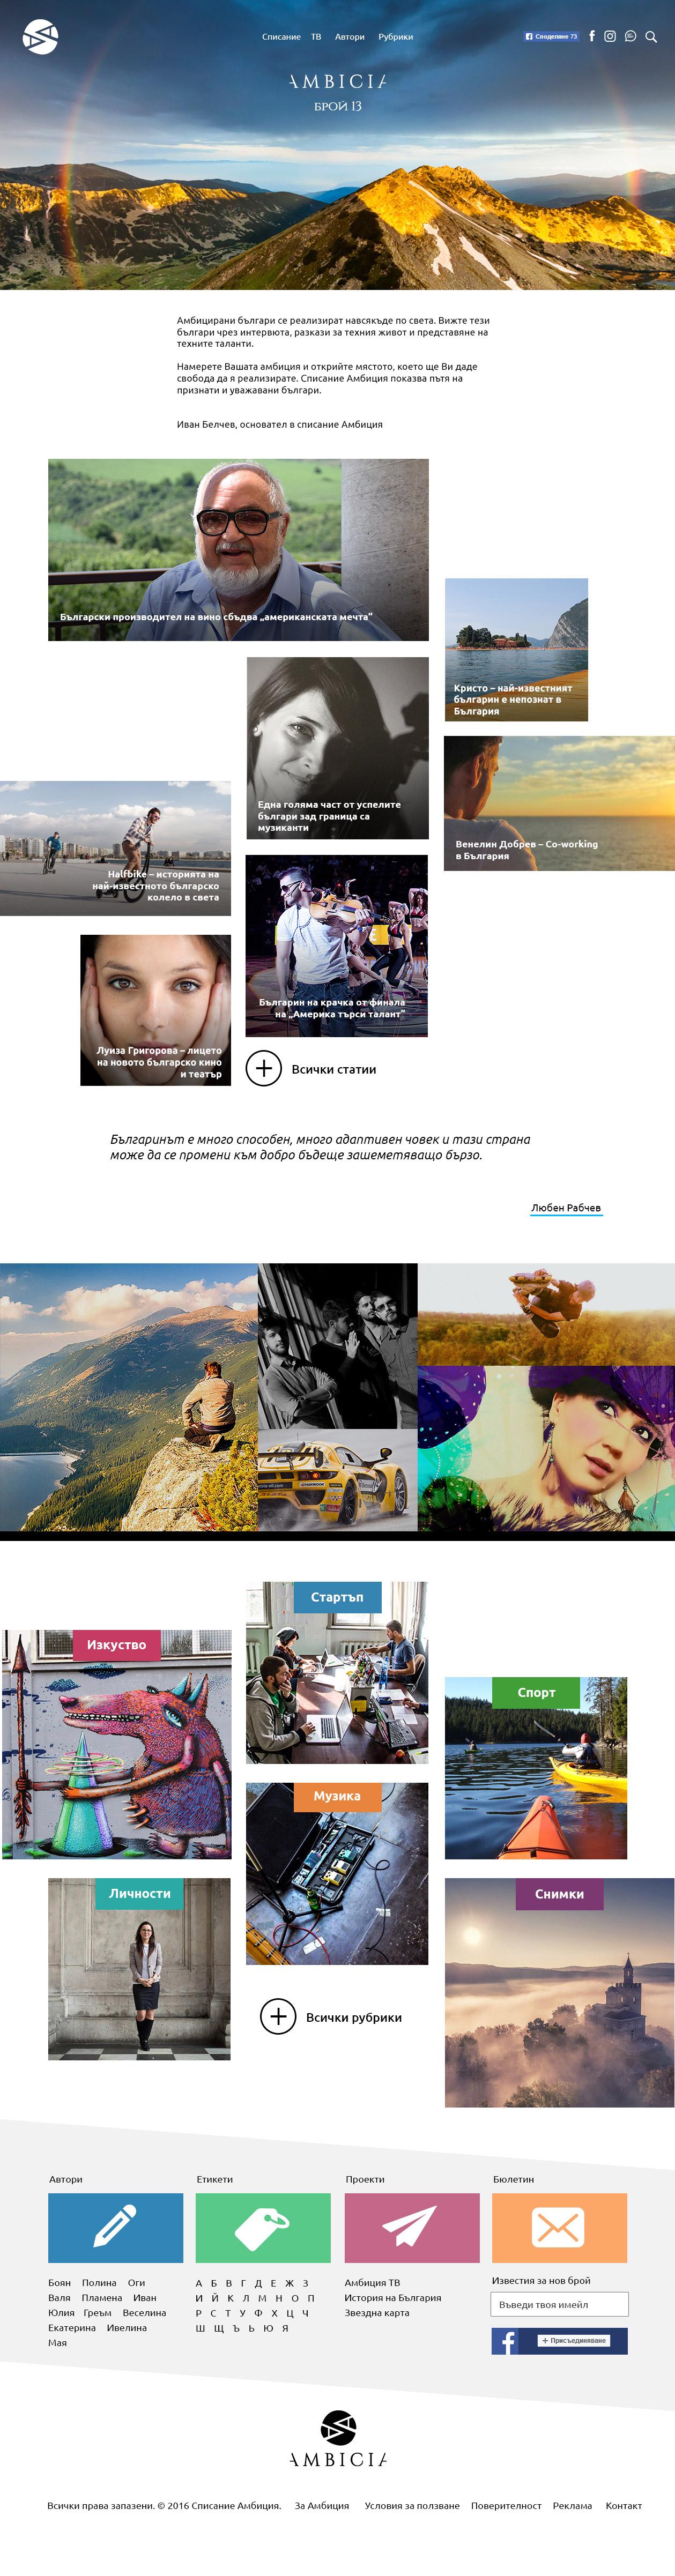 ambicia-design-v2-0928-web2